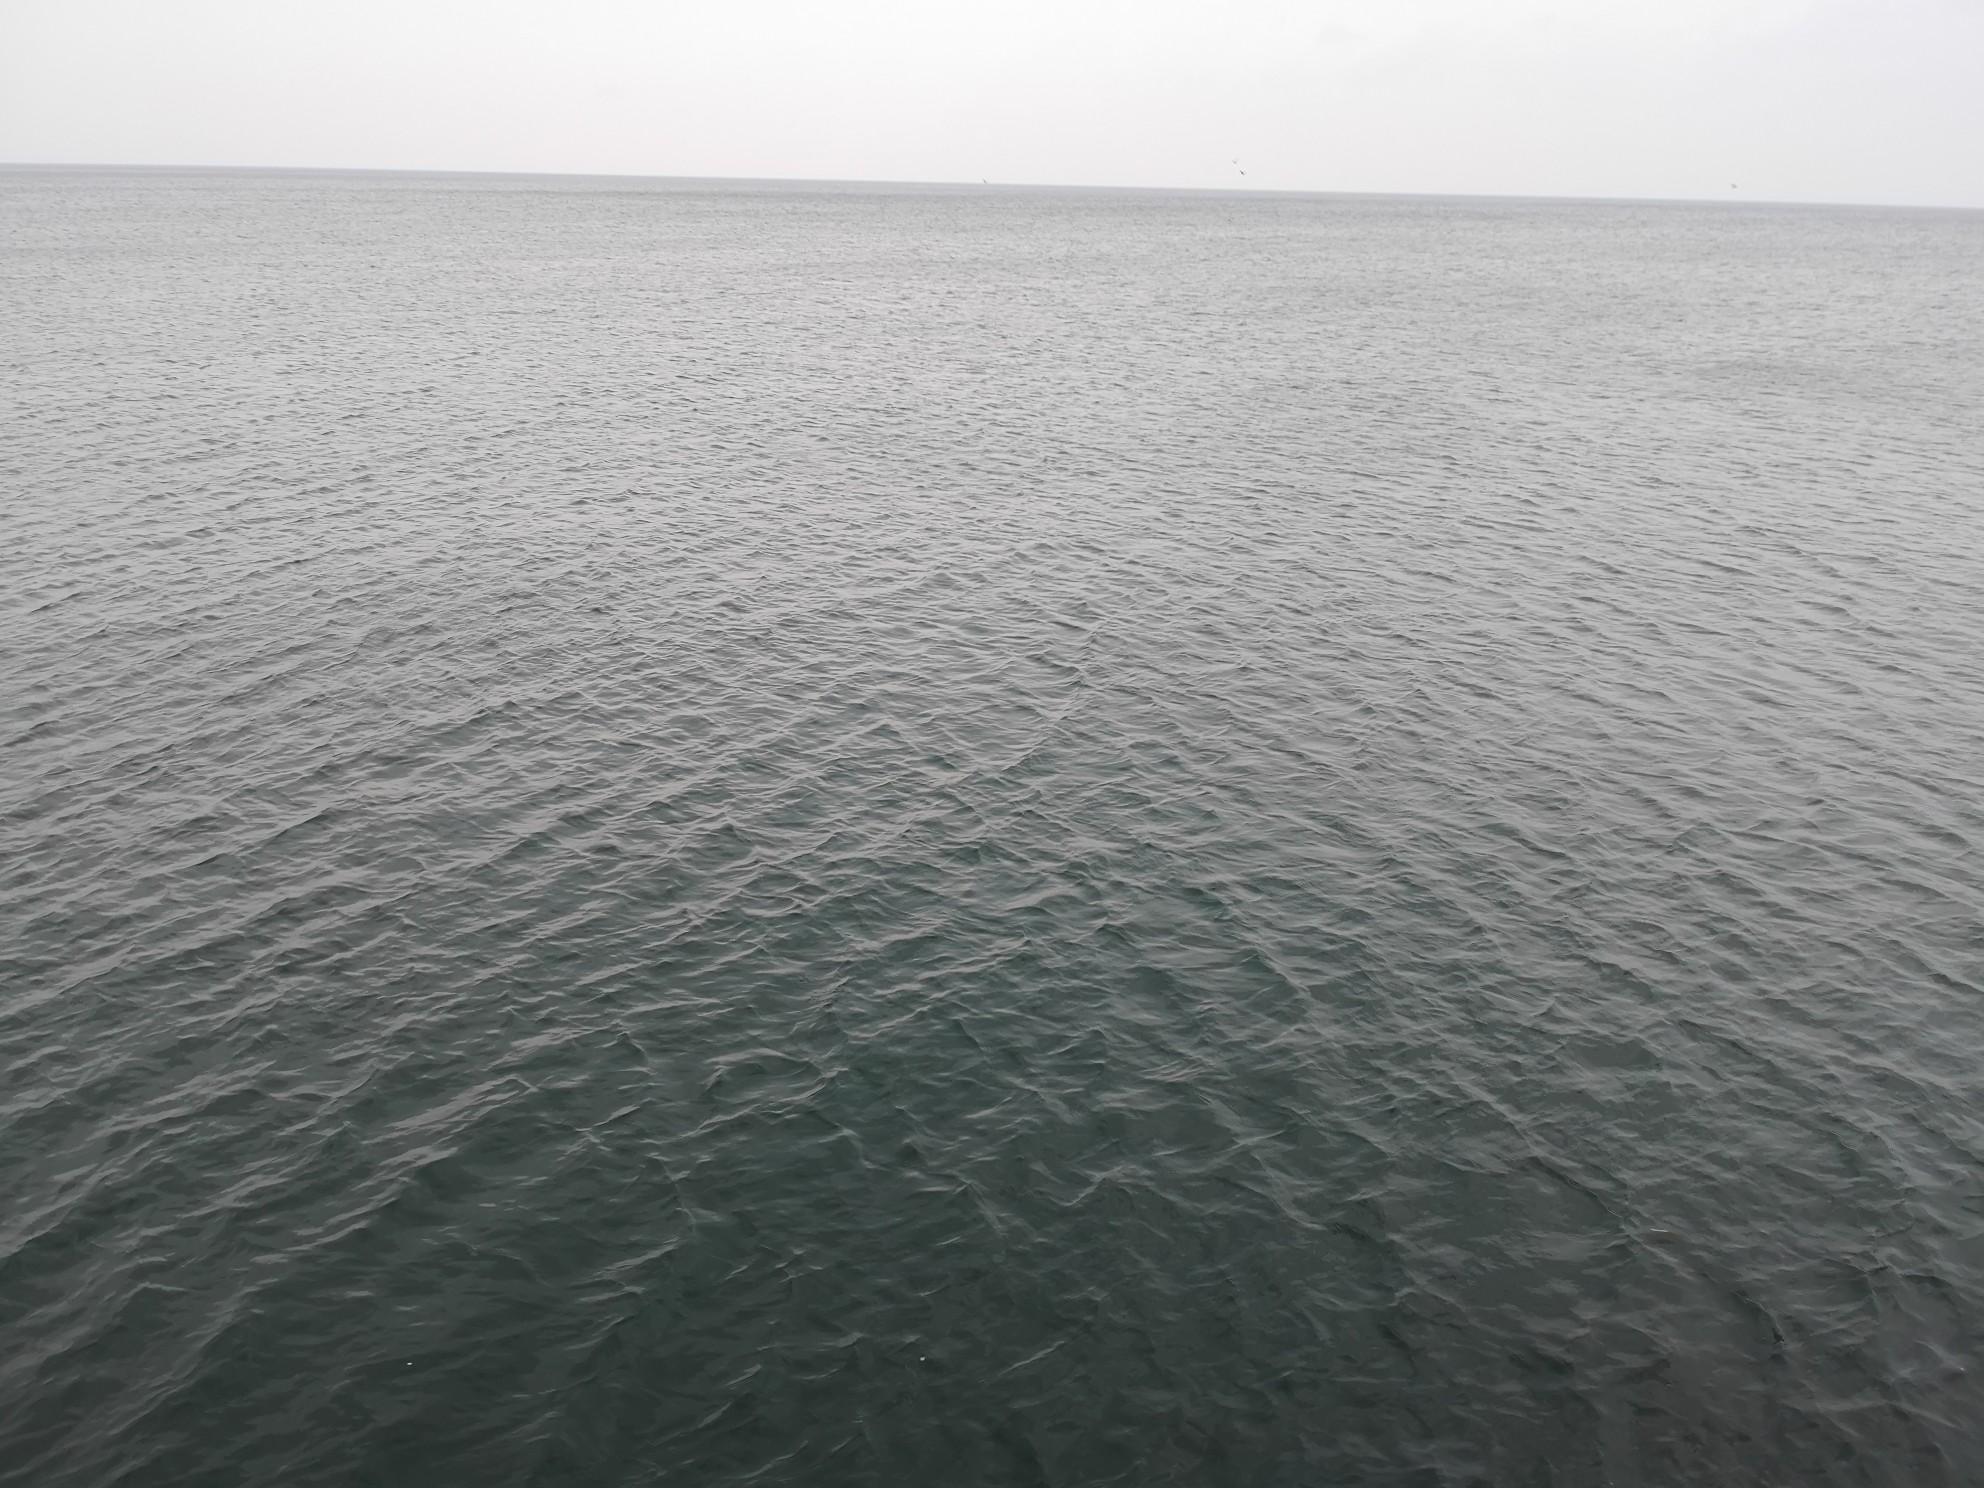 強風でタチウオが釣れた曇天の下の海面(2018.9)